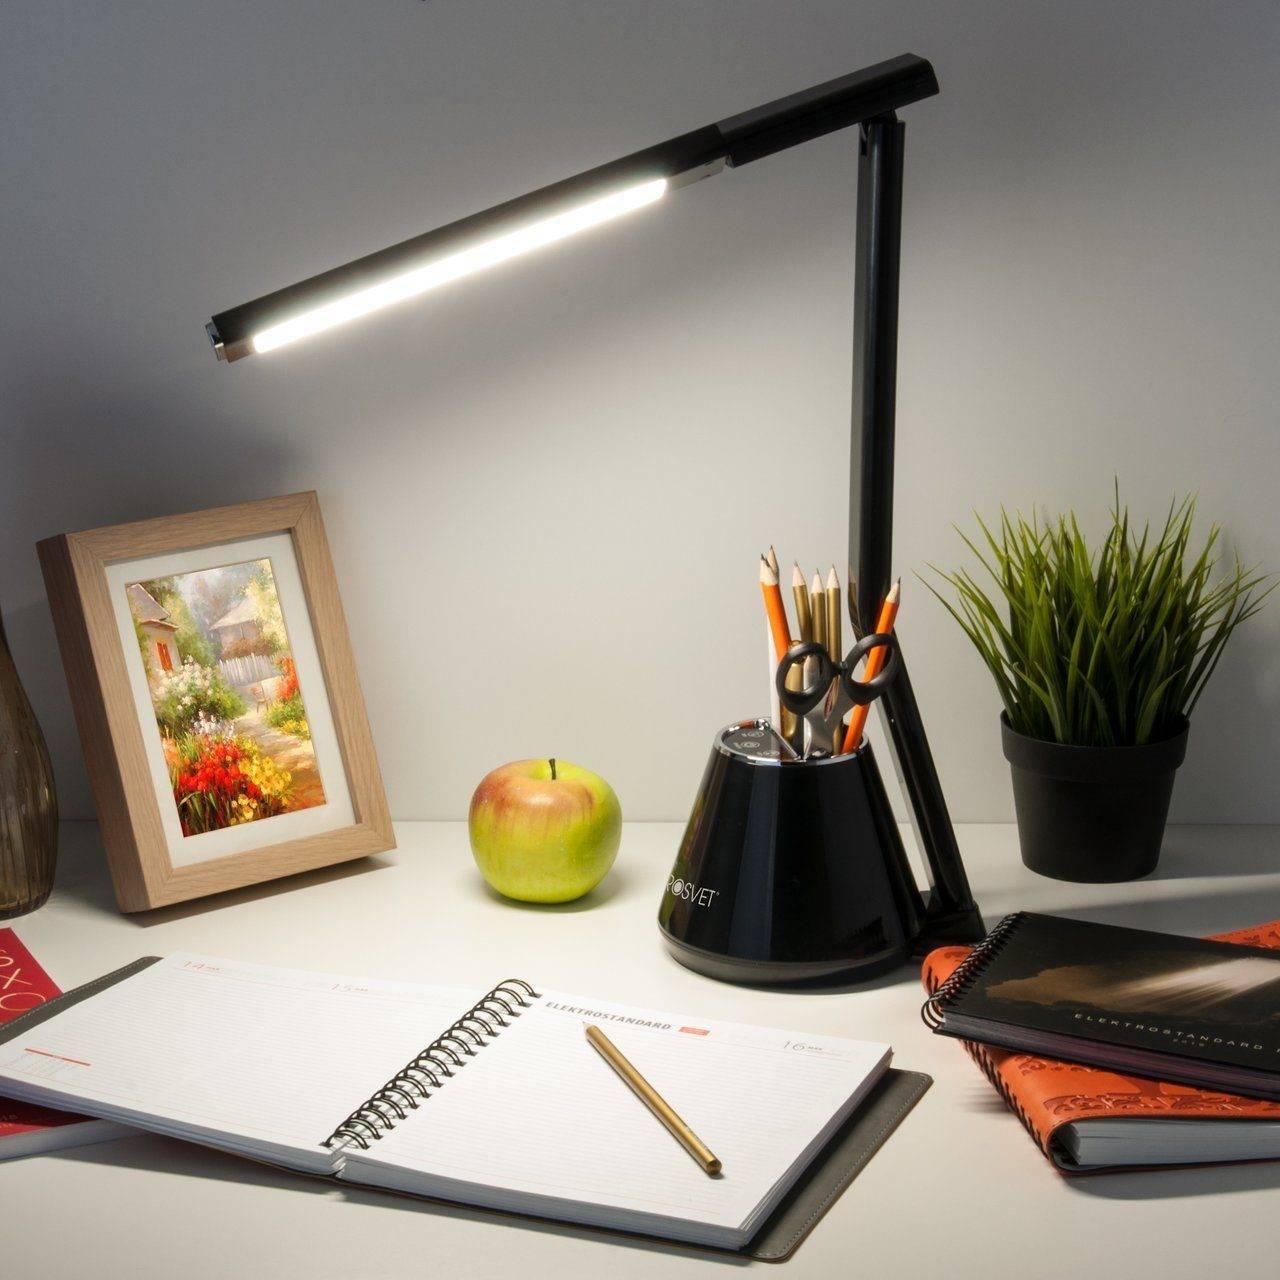 Правила выбора настольных ламп и рекомендации по расположению на рабочем столе